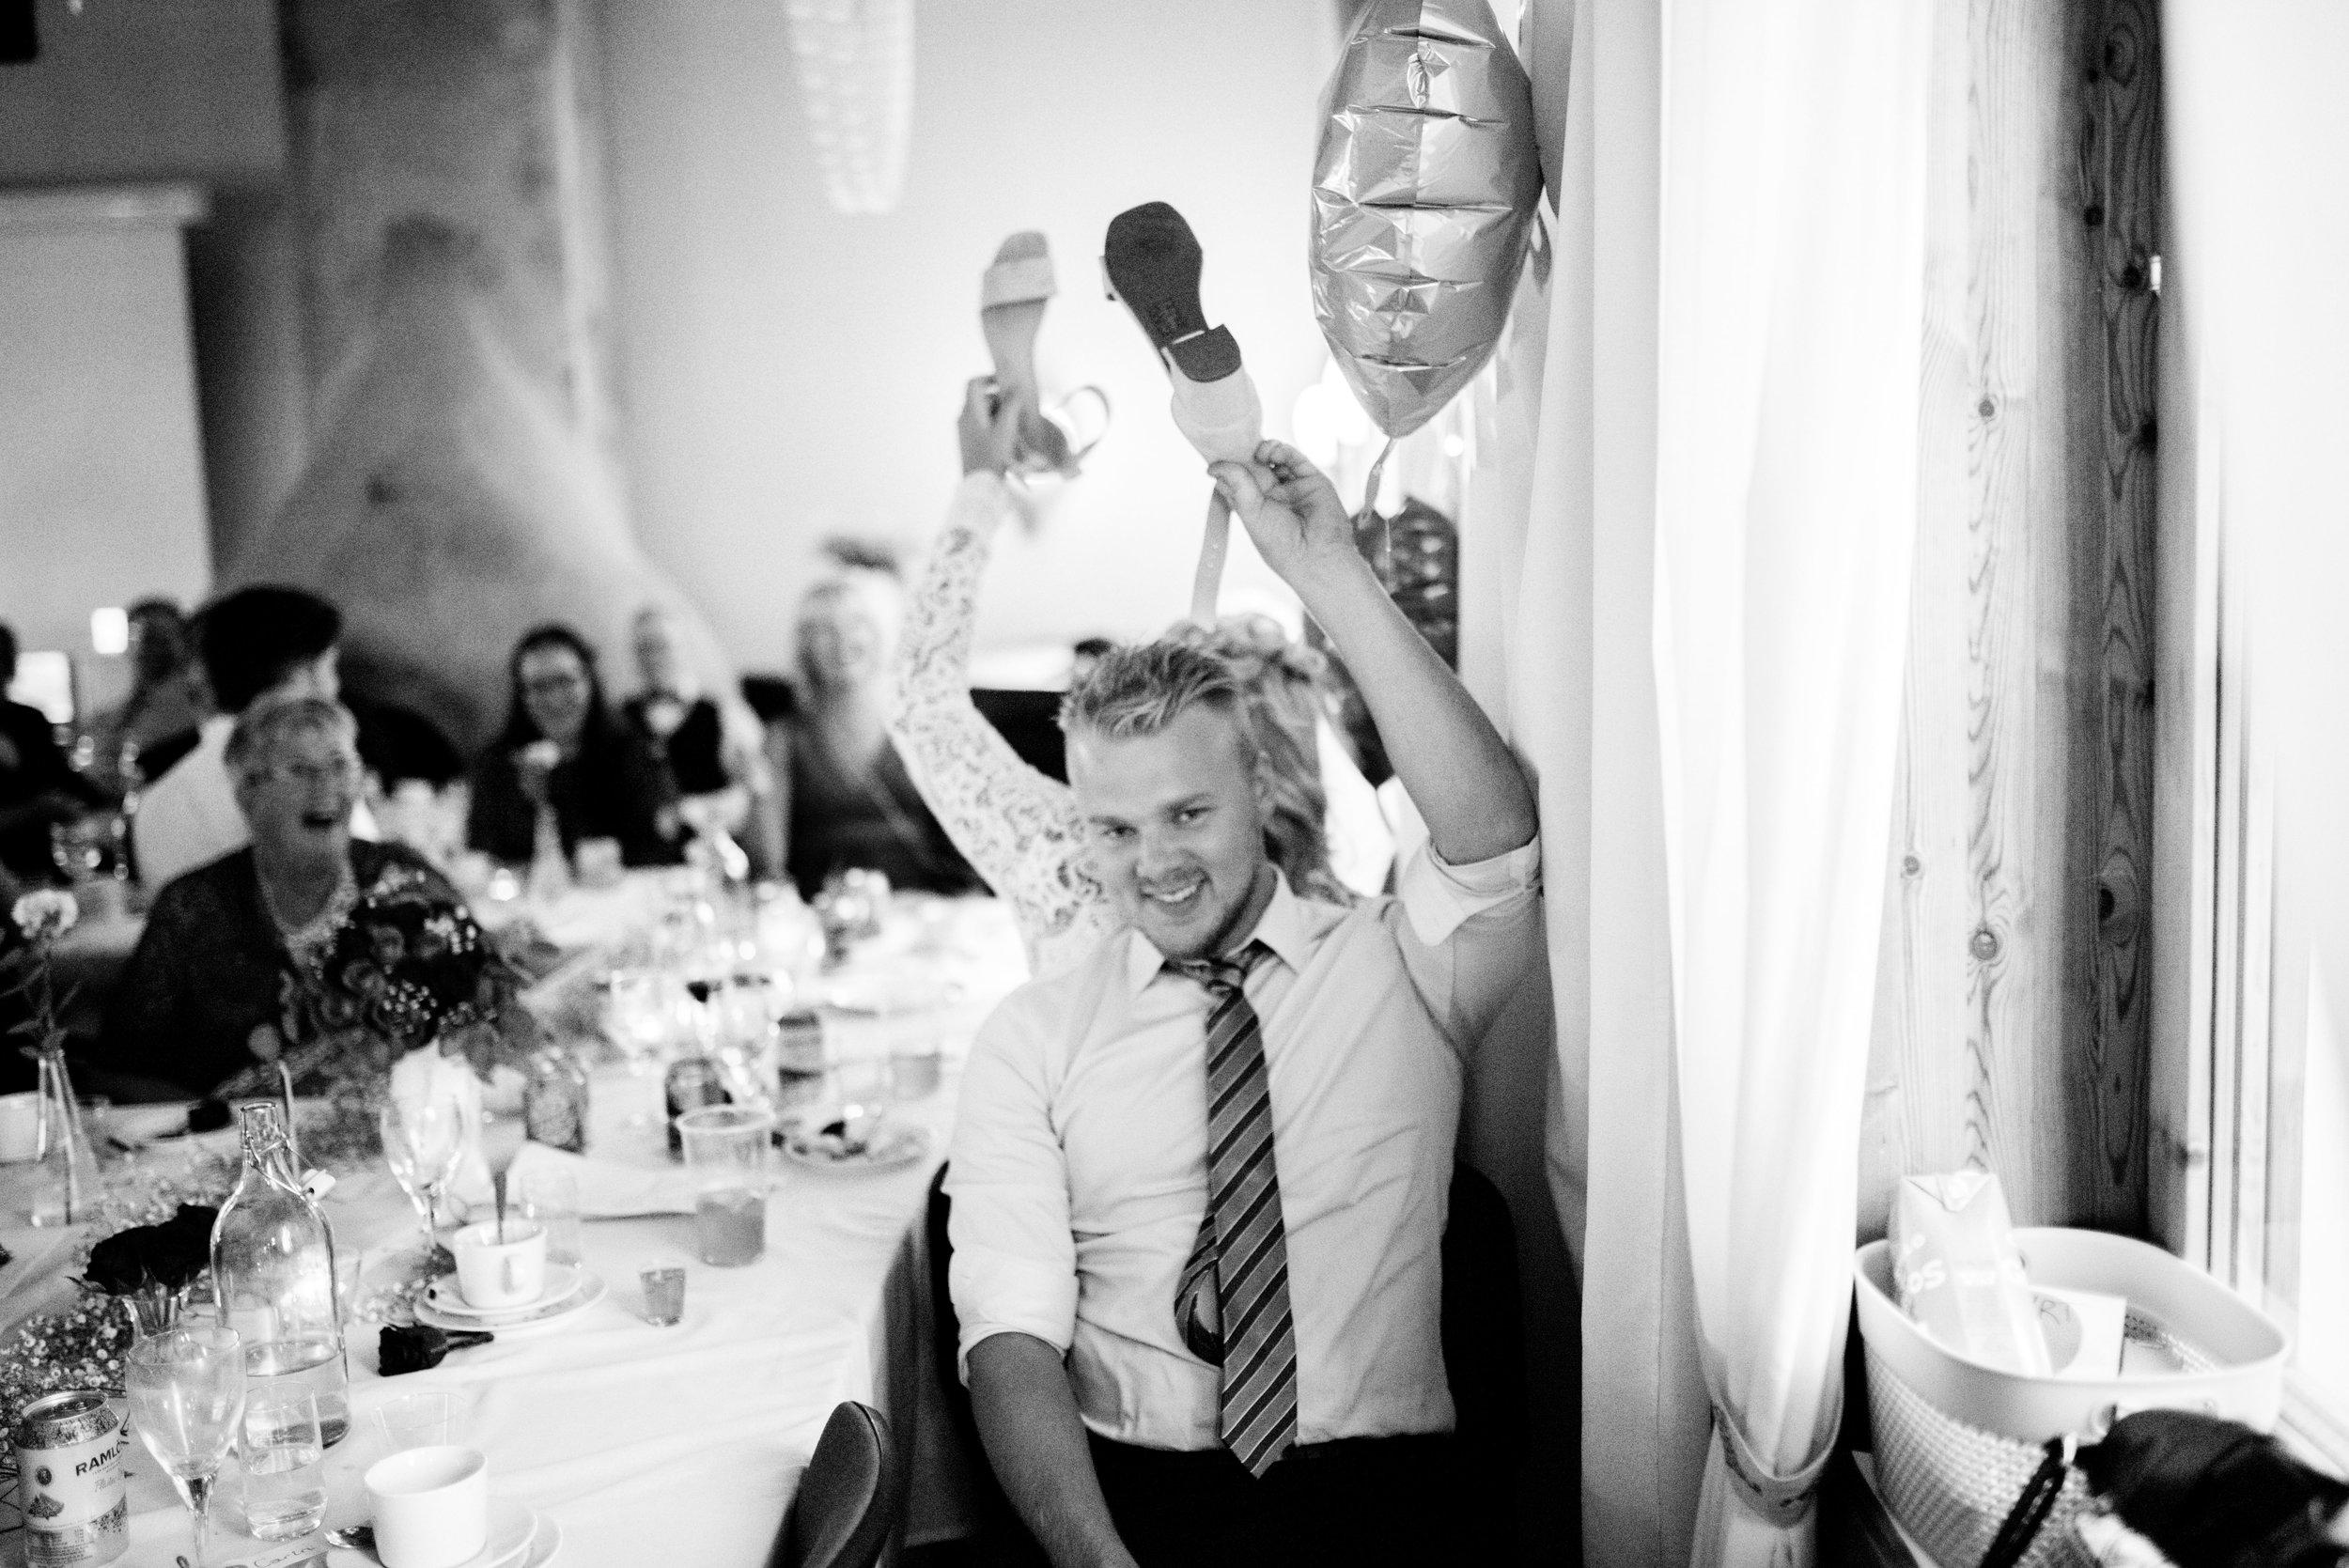 Bröllop2019lågkvall2-6395-2.jpg